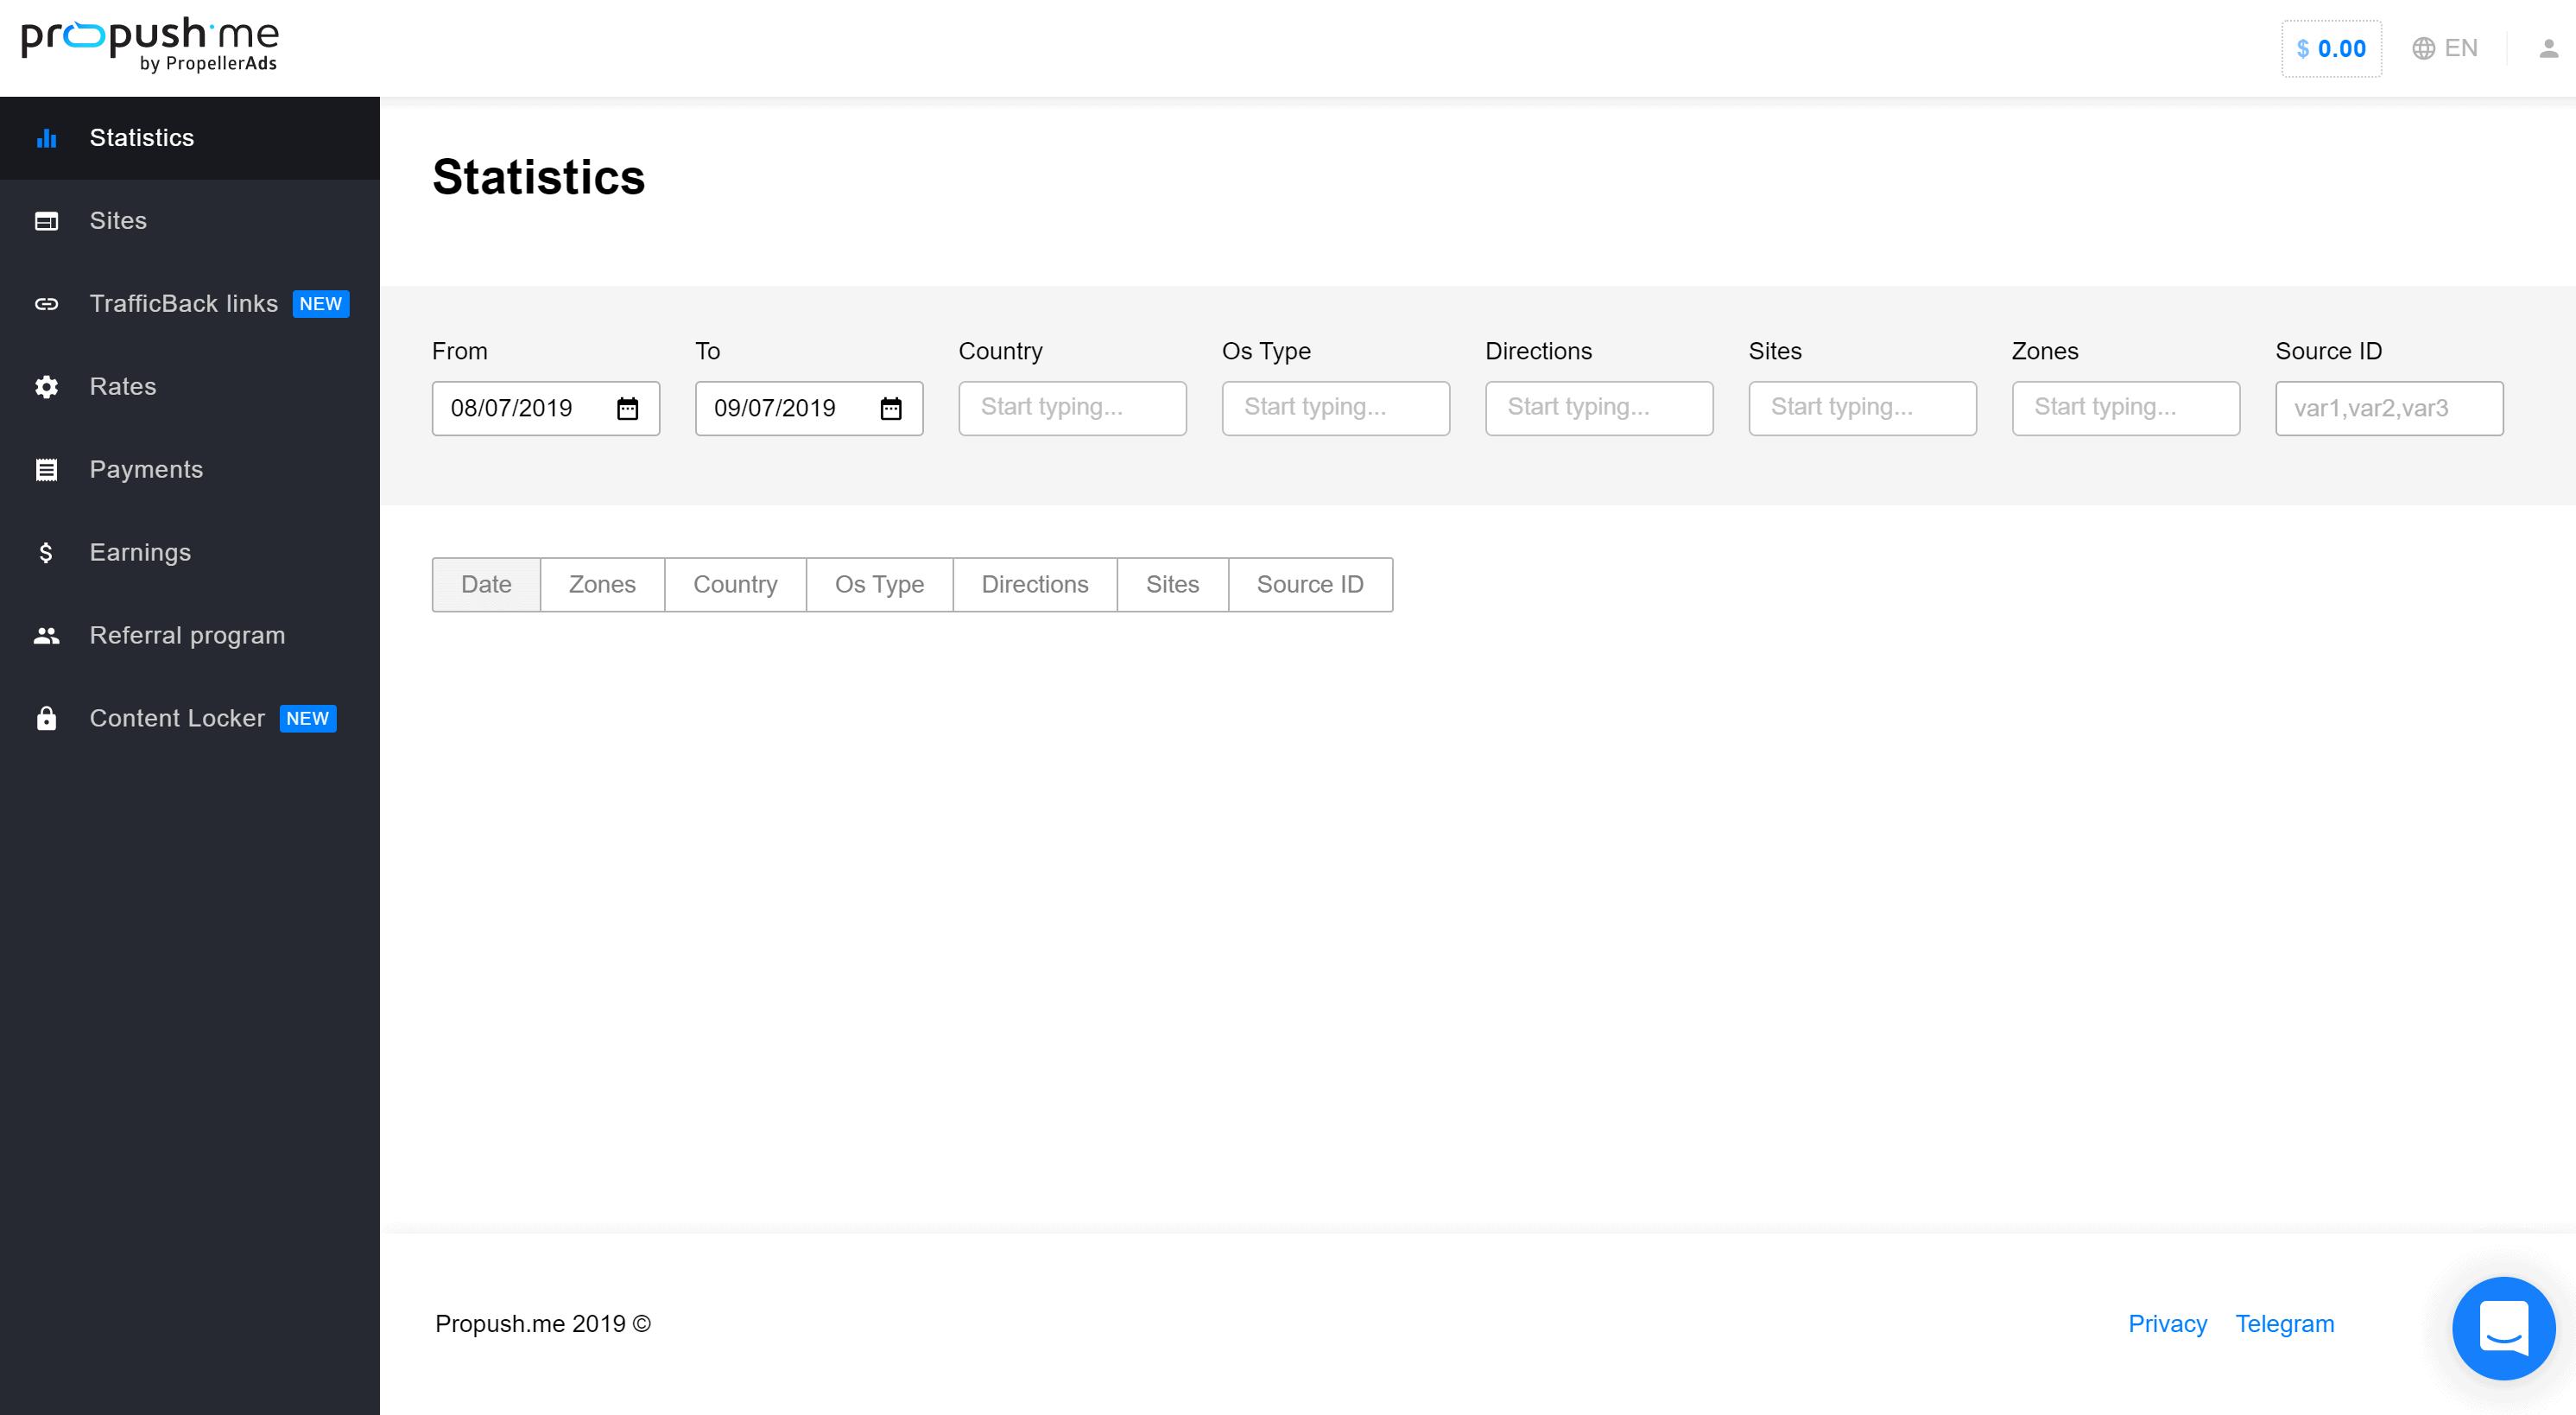 ProPush.me dashboard